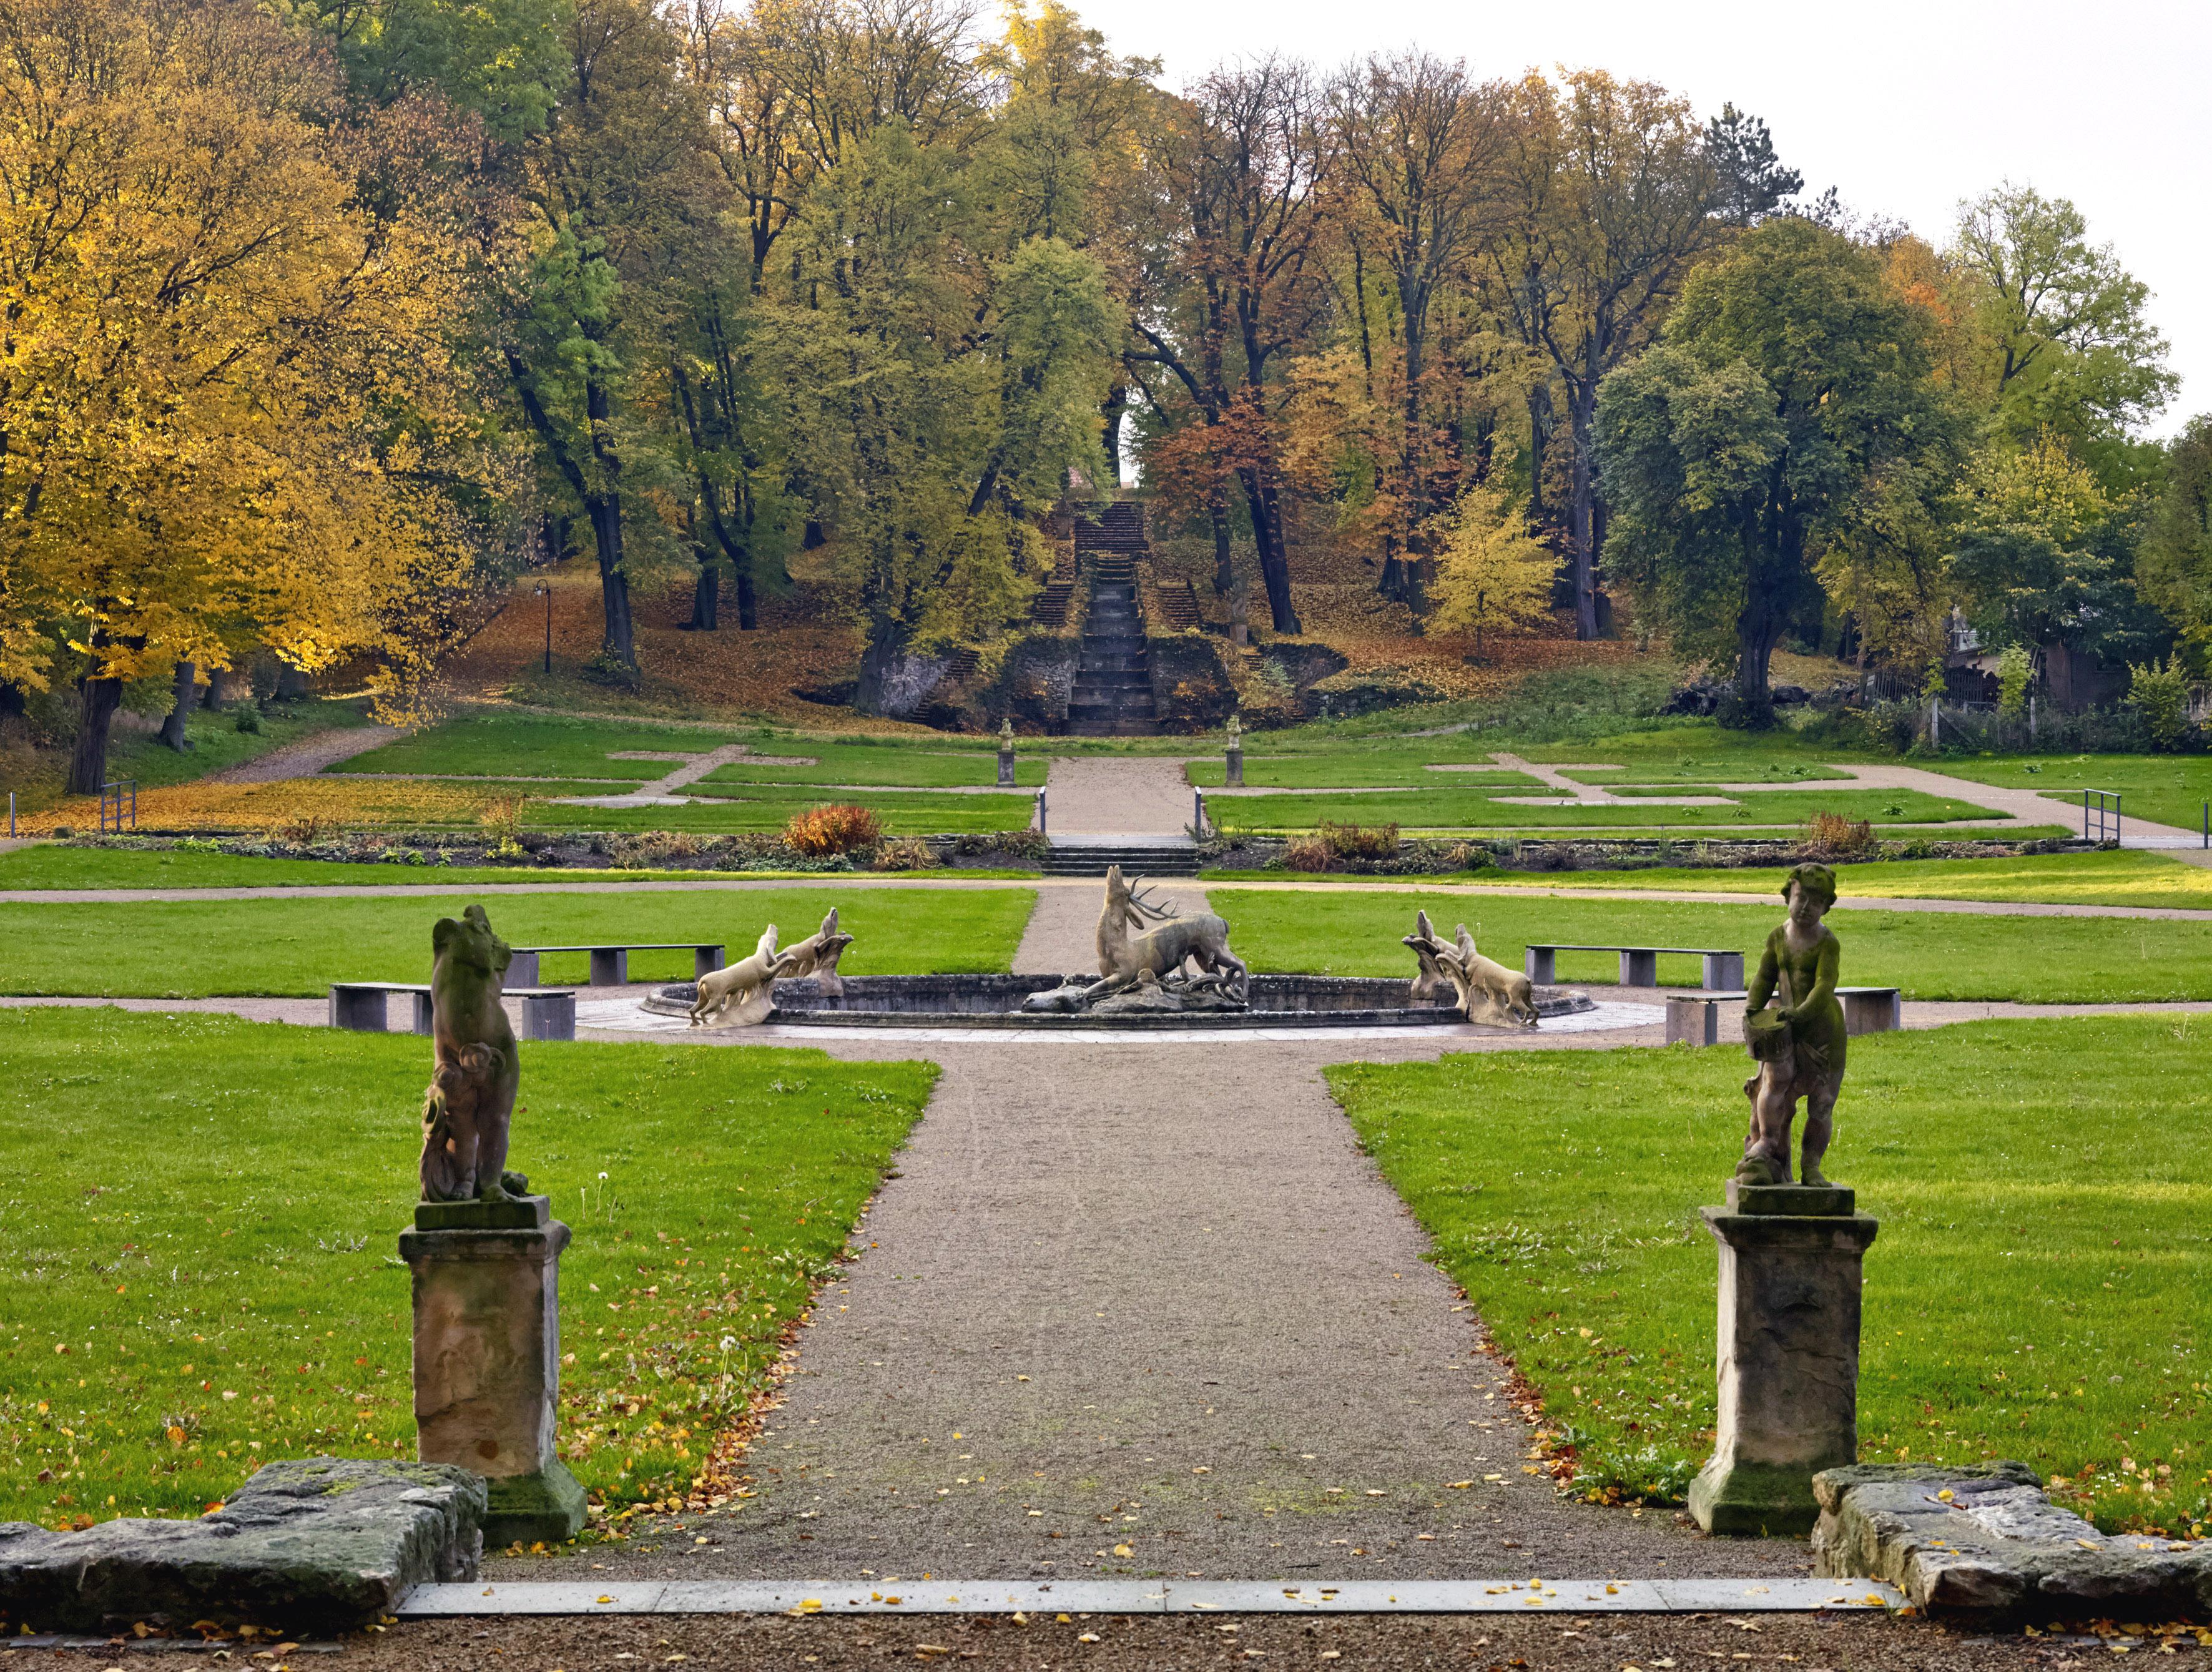 Herbstliche Parkanlage mit großer Kaskade, symetrischer Wegeführung und Putten im Vordergrund. Mittig ein Brunnenbecken mit einer Hirschskulptur und vier Jagdhunden herum.